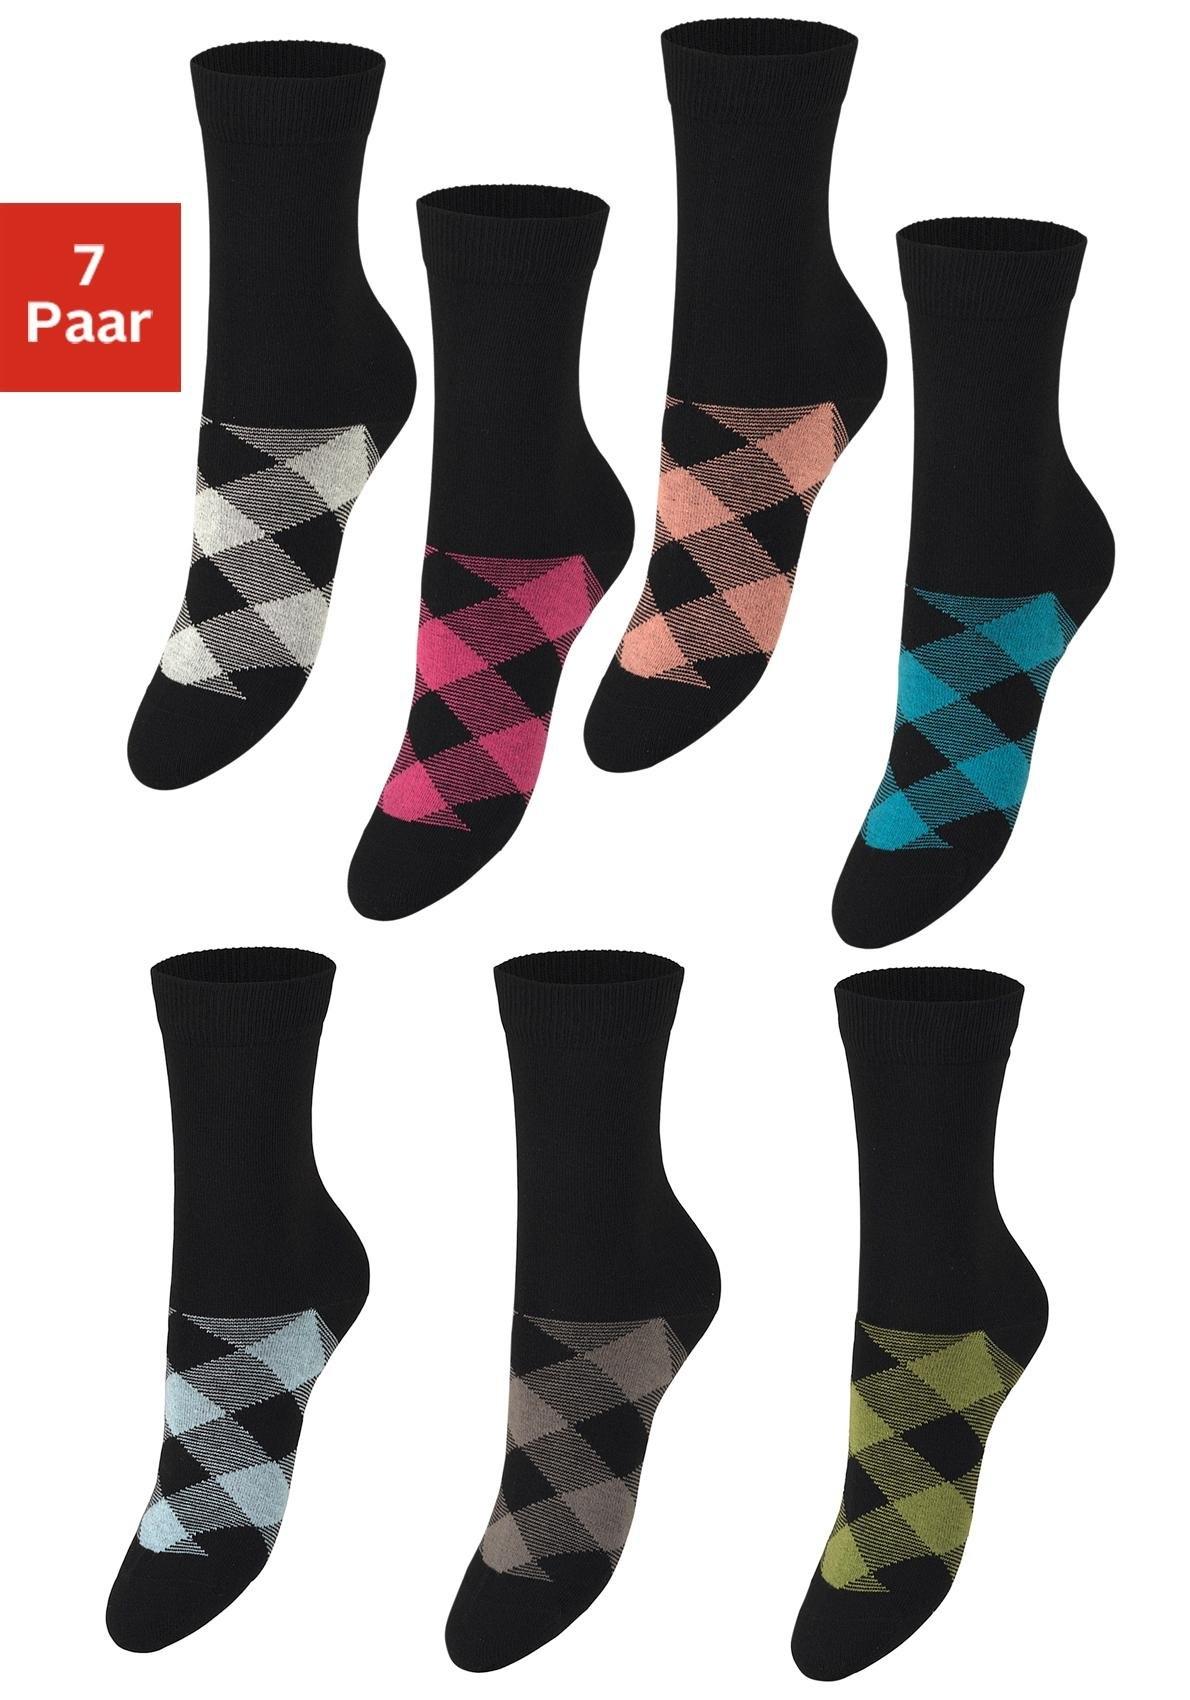 H.I.S sokken (set van 7 paar) - verschillende betaalmethodes